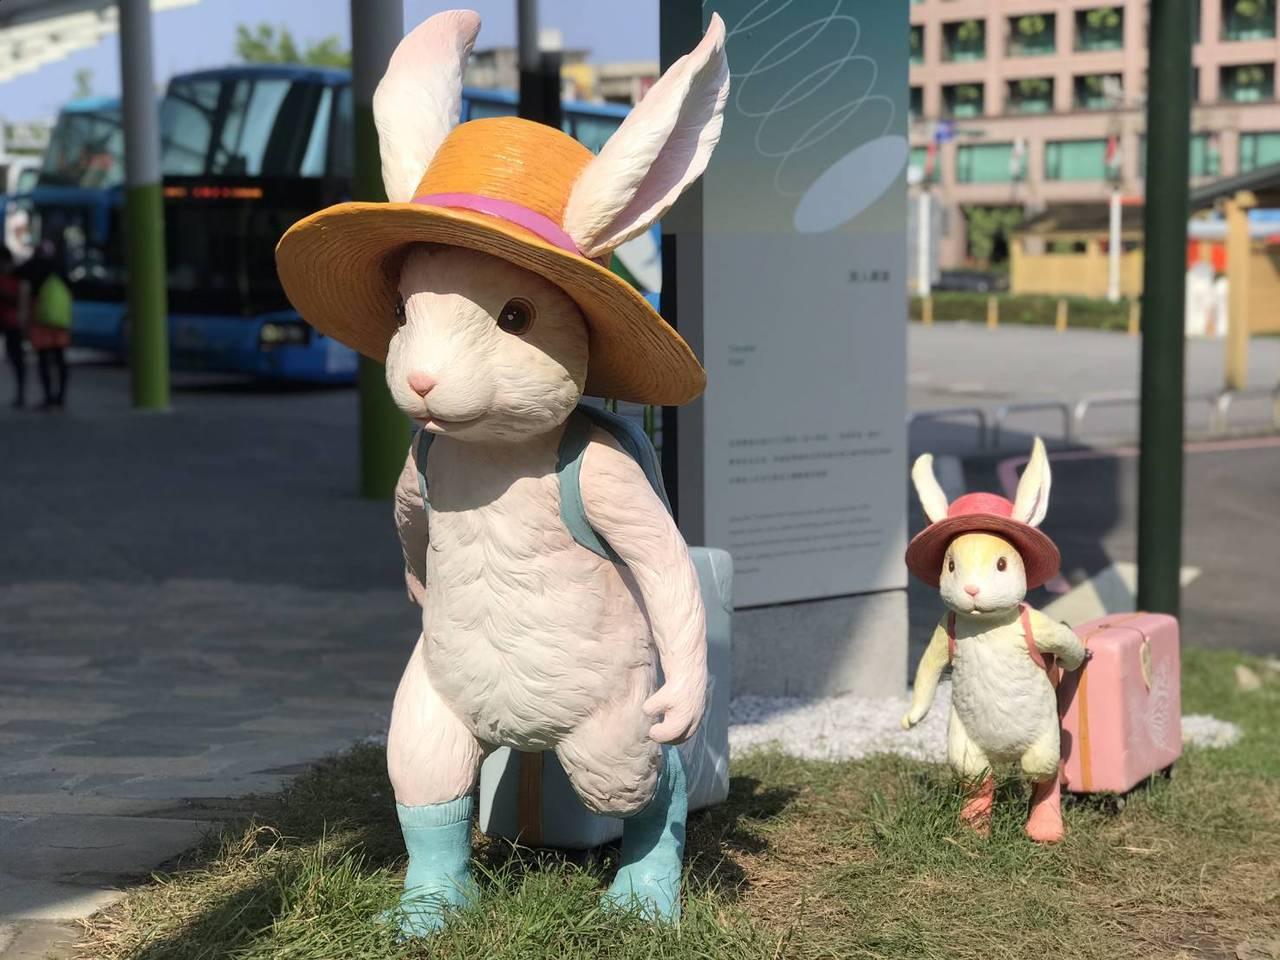 礁溪轉運站的拖著行李箱的「行李小兔」,想帶領遊客展開美好旅程。 圖/讀者提供